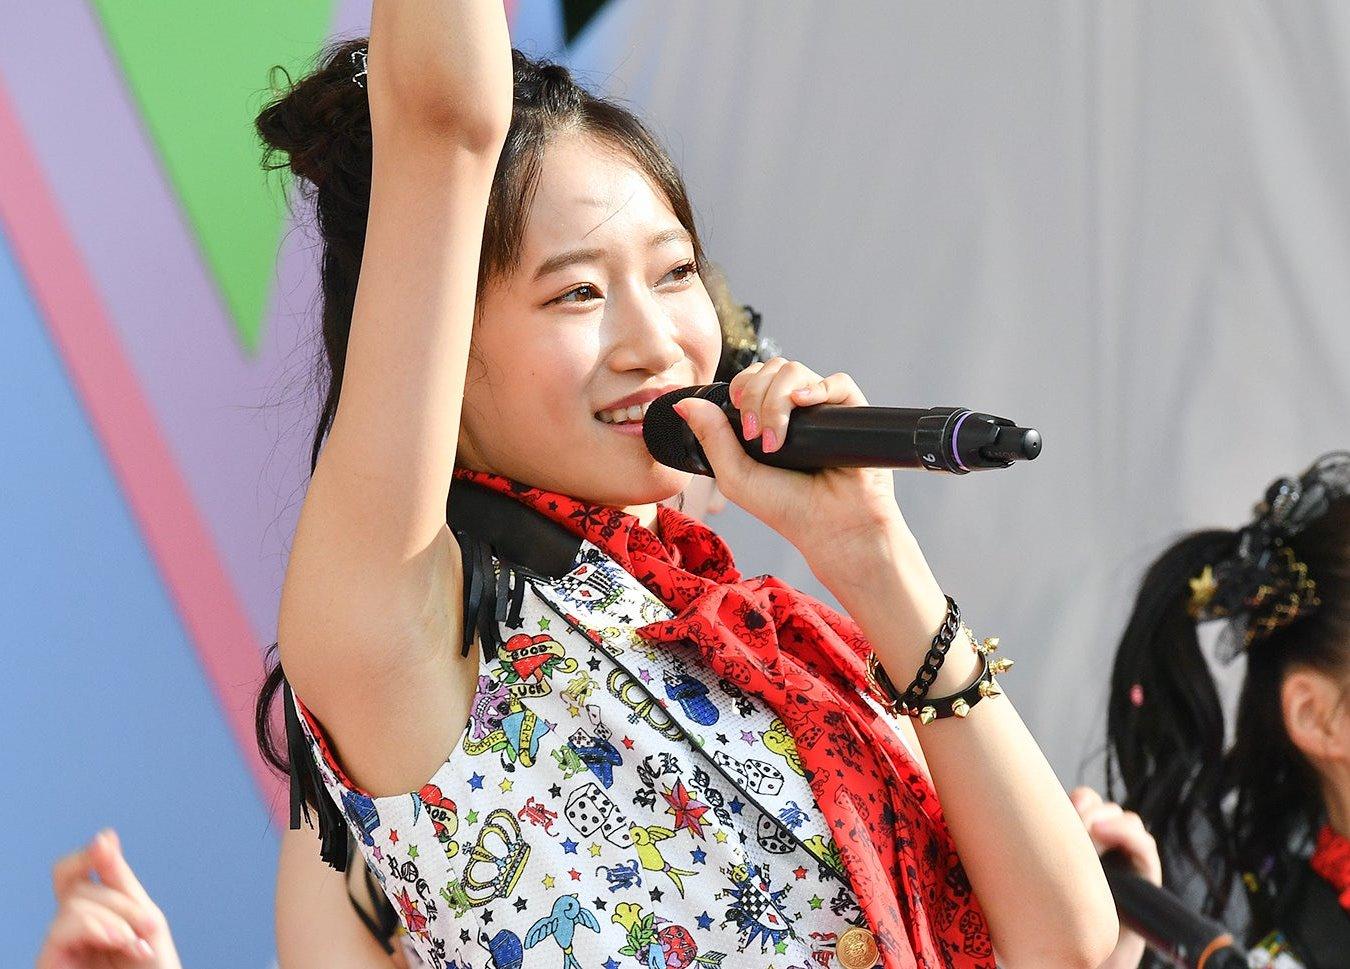 AKB48フレッシュ選抜メンバーの腋見せライブ (16)